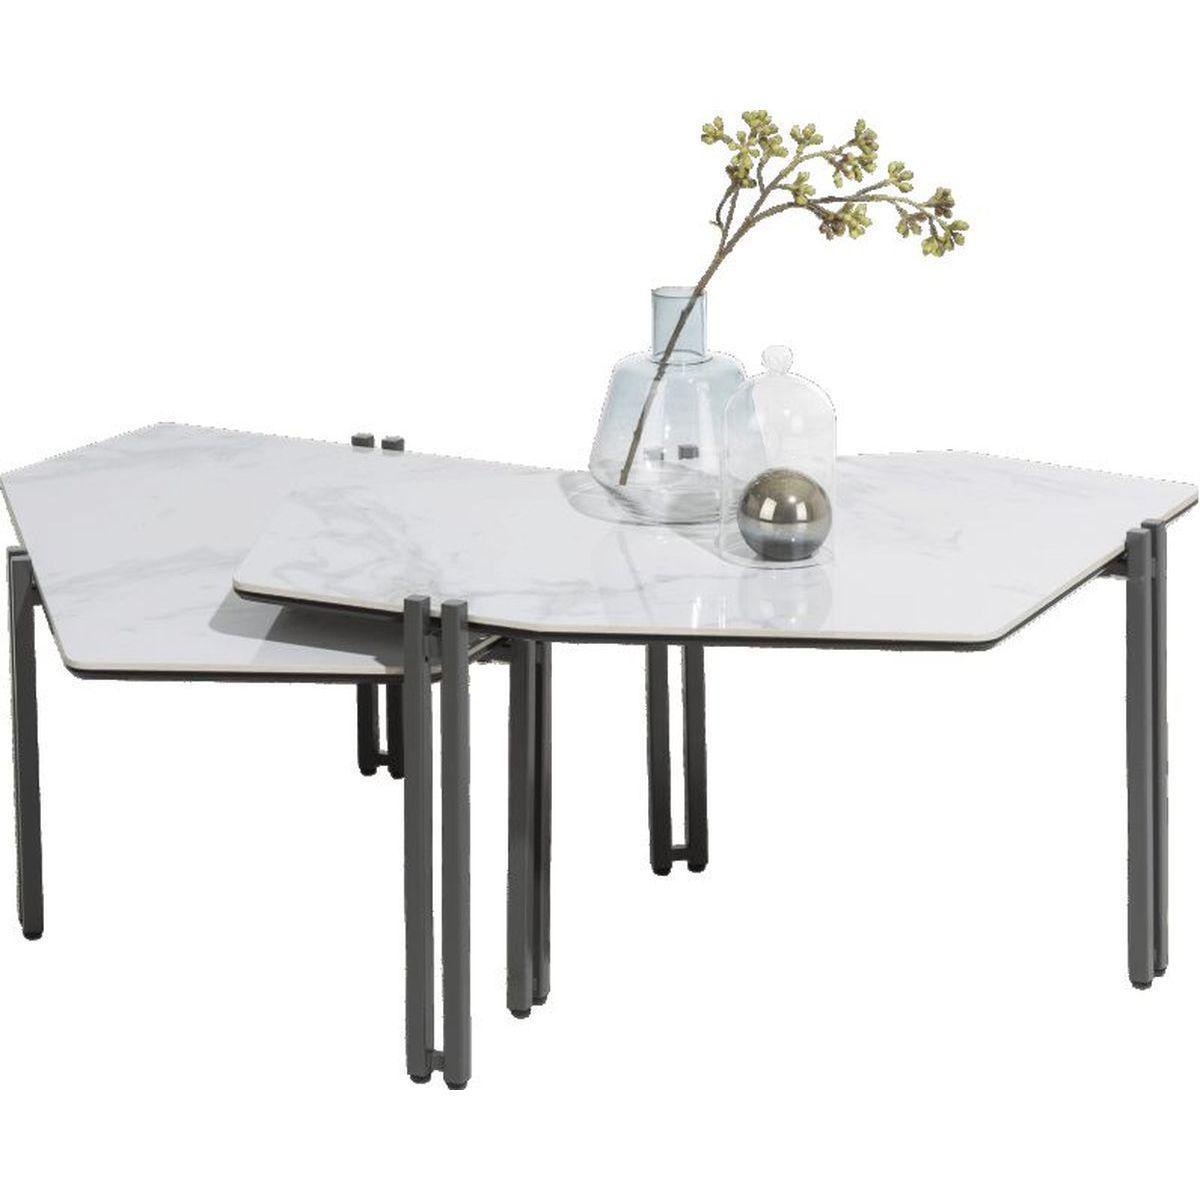 Set de 2 table basse GLASGOW Xooon